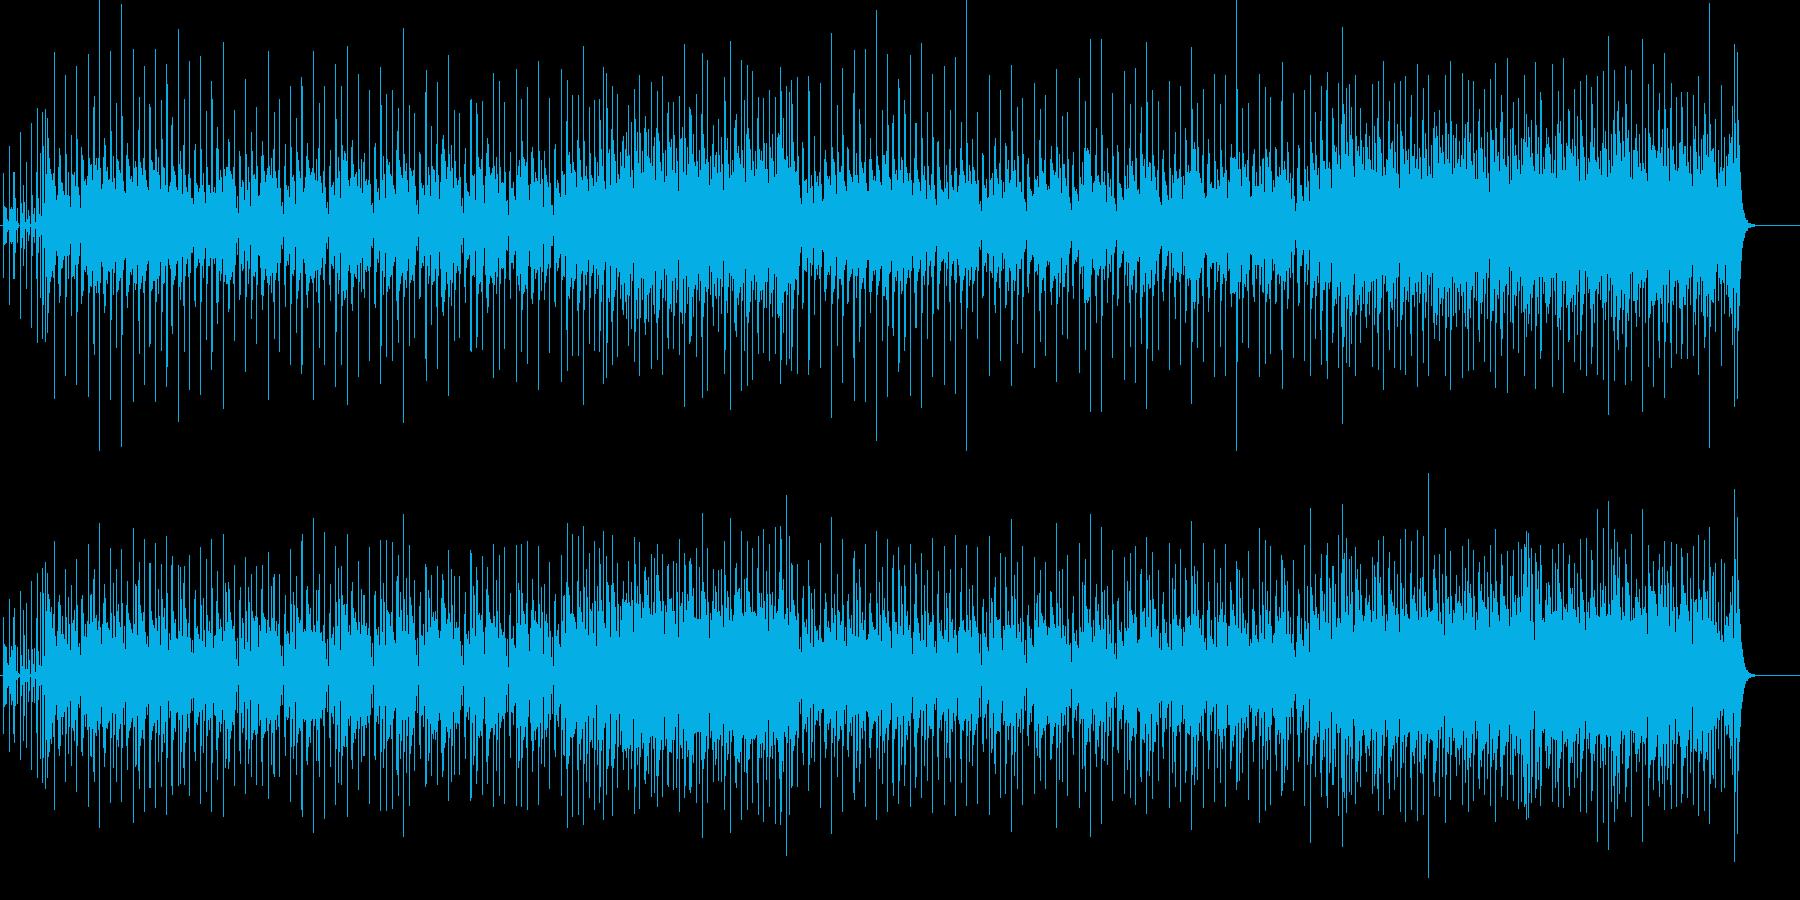 グレシャスなミディアム・ポップス(退場)の再生済みの波形